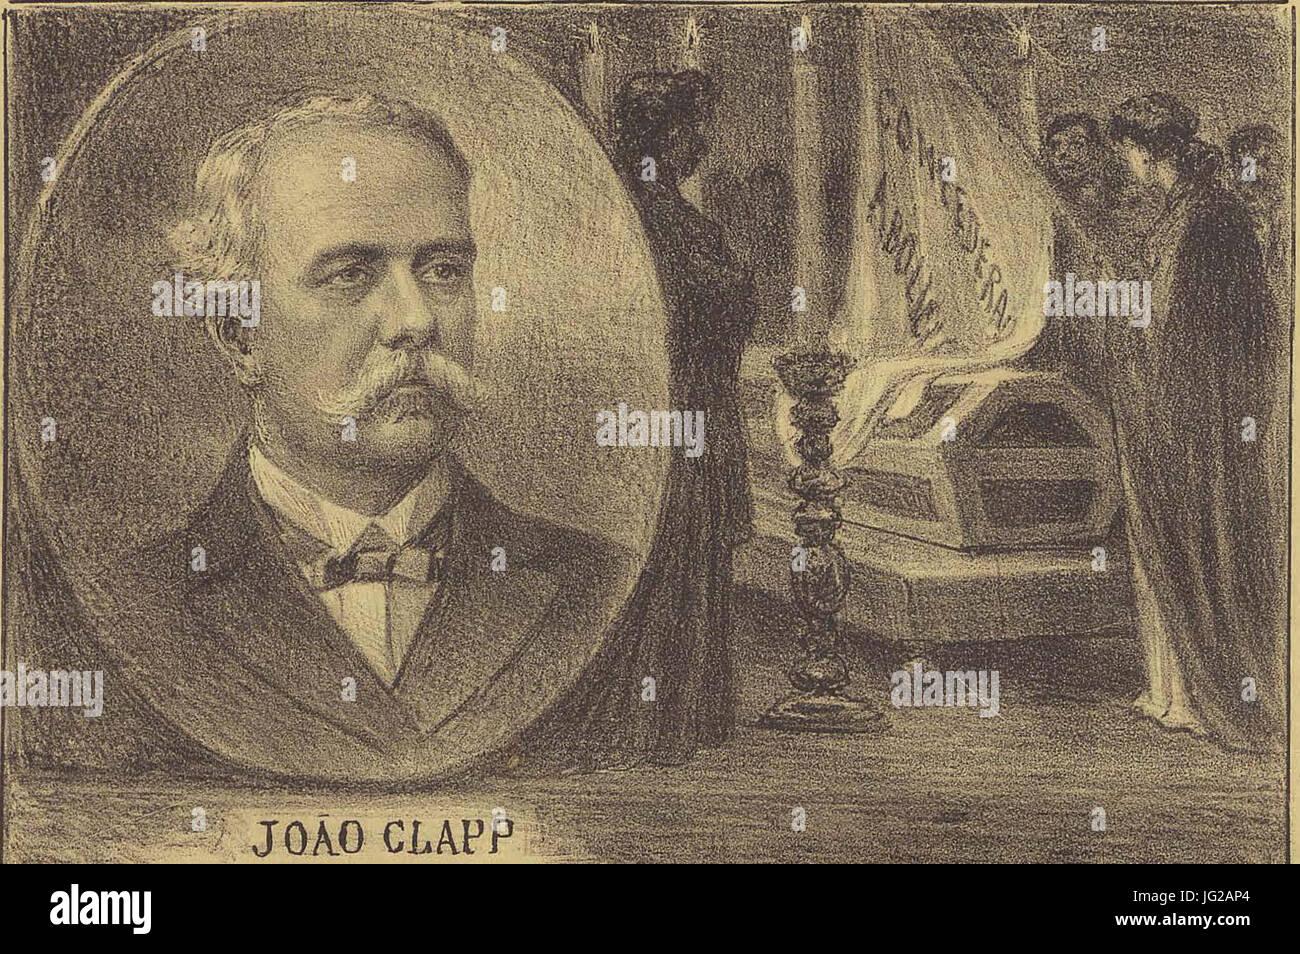 João Clapp, presidente da Confederação abolicionista. Fallecido em 11 de dezembro de 1902, em Petropolis Foto de stock